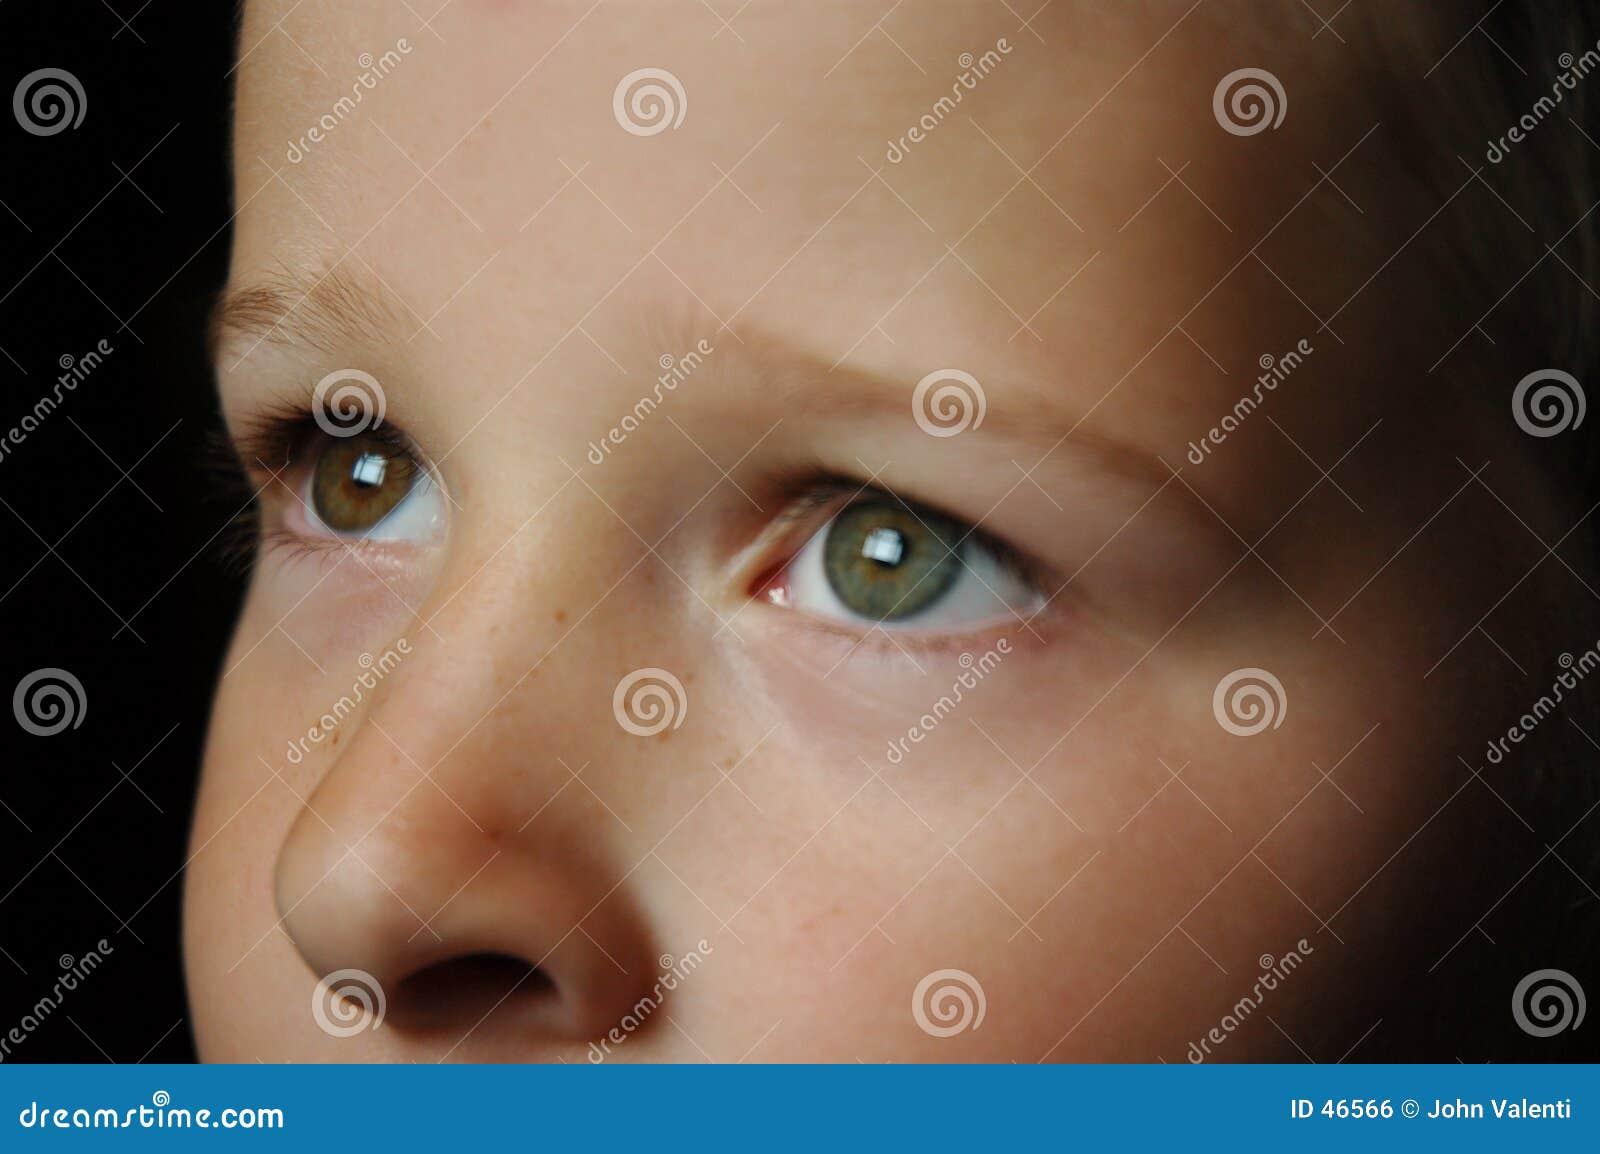 Anstarren der Augen